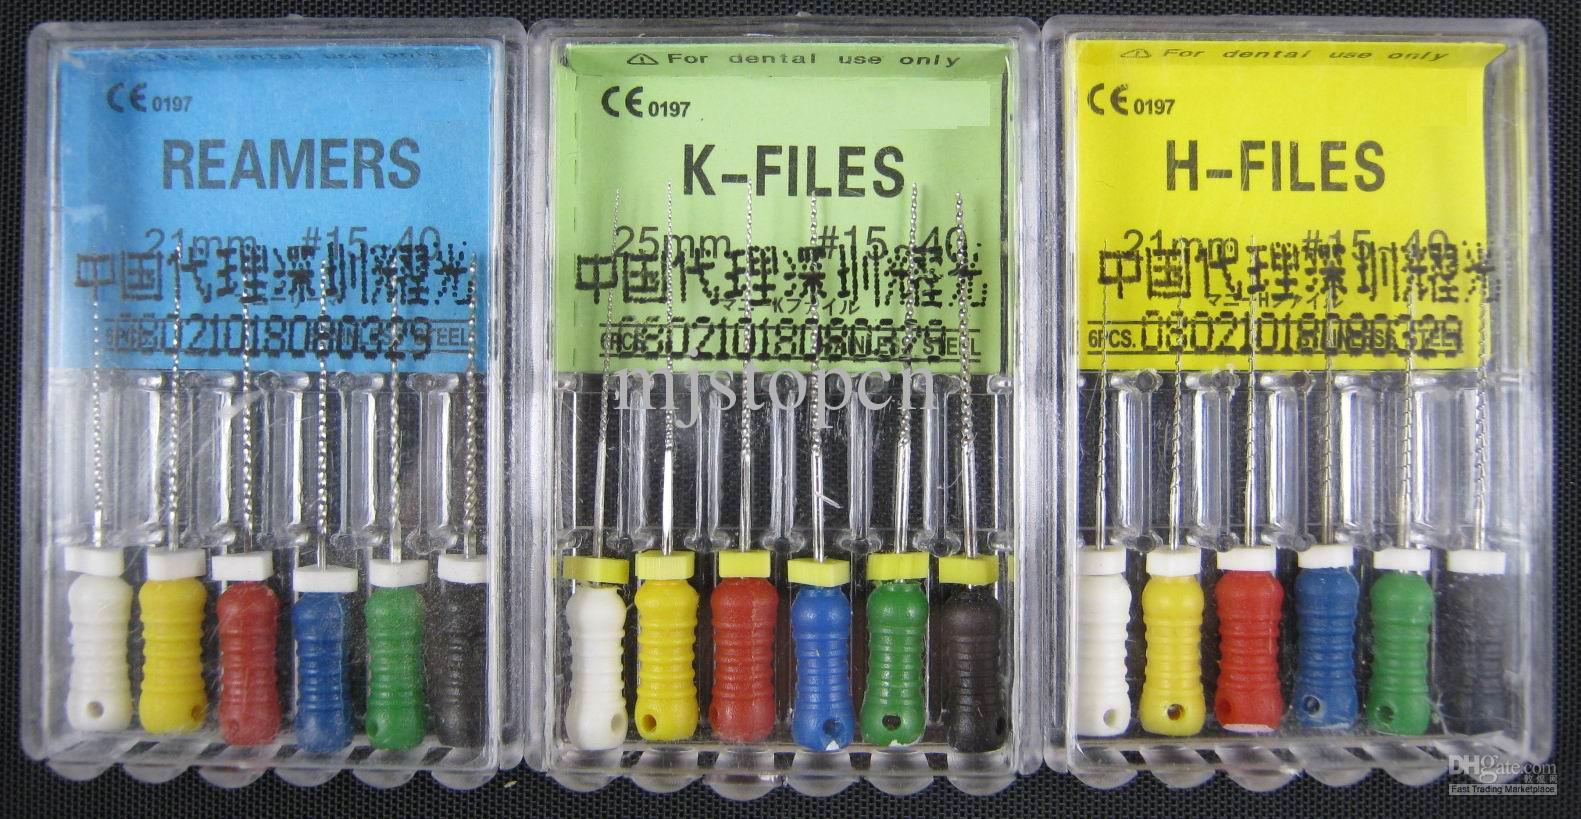 5packs Dental Hand Use K-files Stainless Steel Reamer #15 40 25mm AZDENT